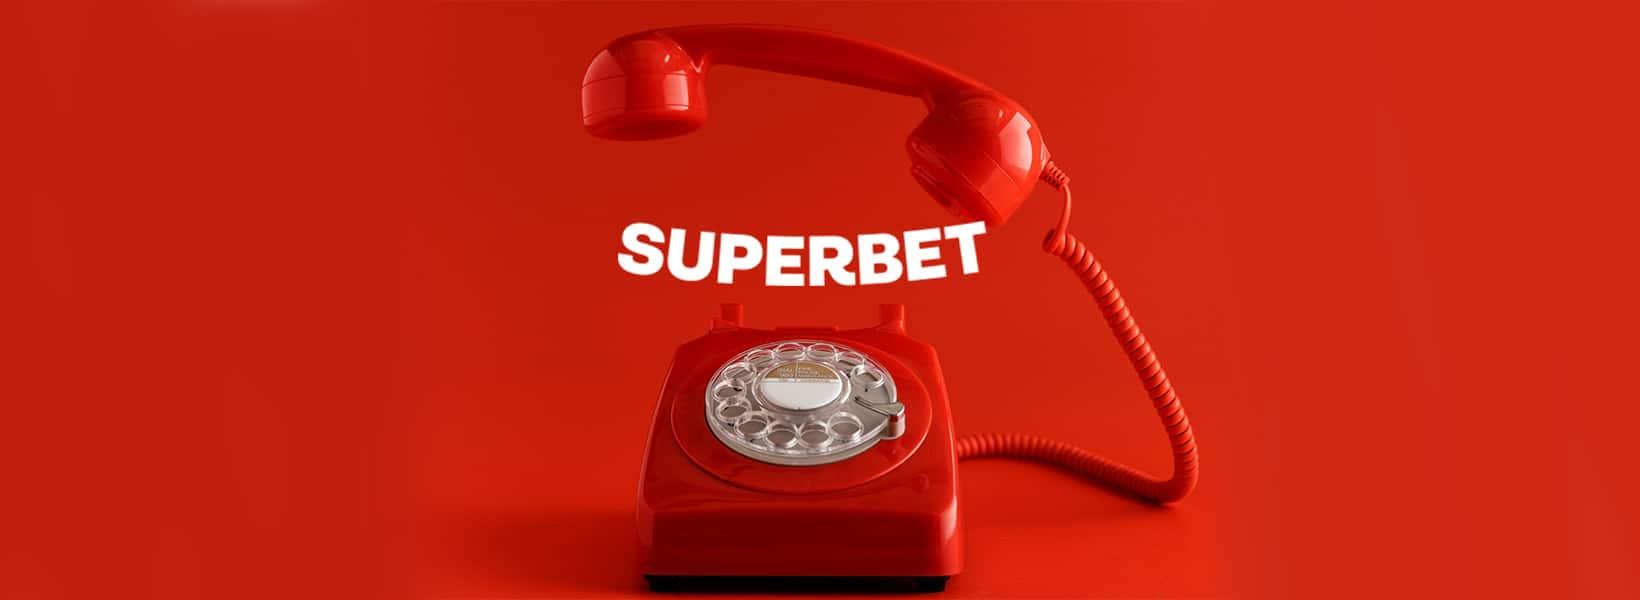 contact superbet